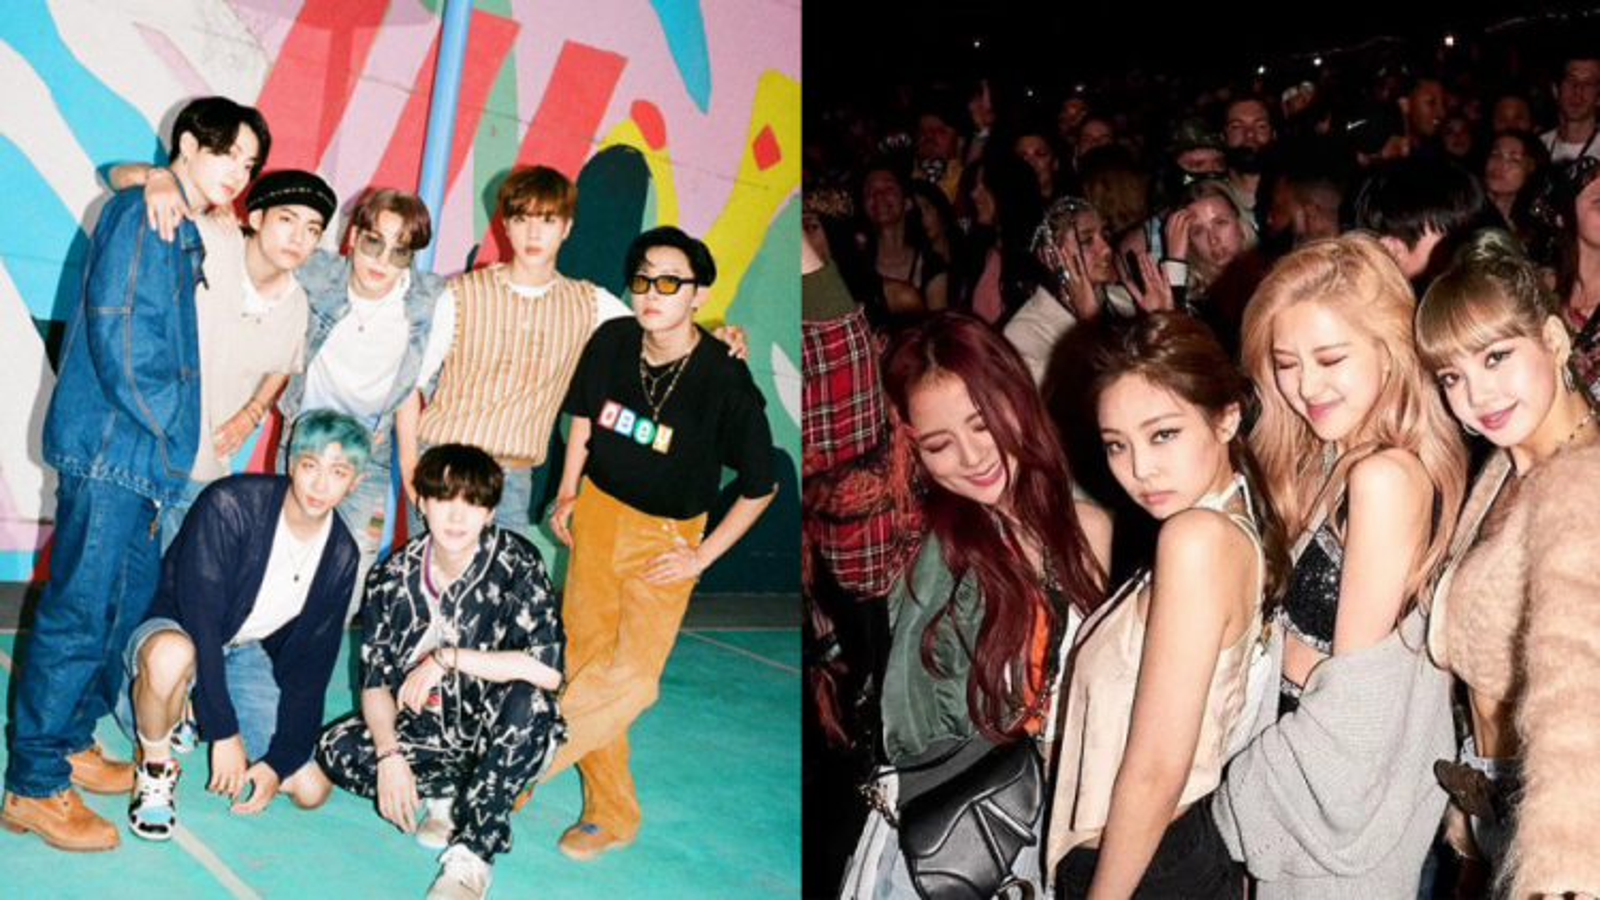 Top 10 nhóm nhạc Kpop sở hữu số lượt xem nhiều nhất trên Youtube 2020